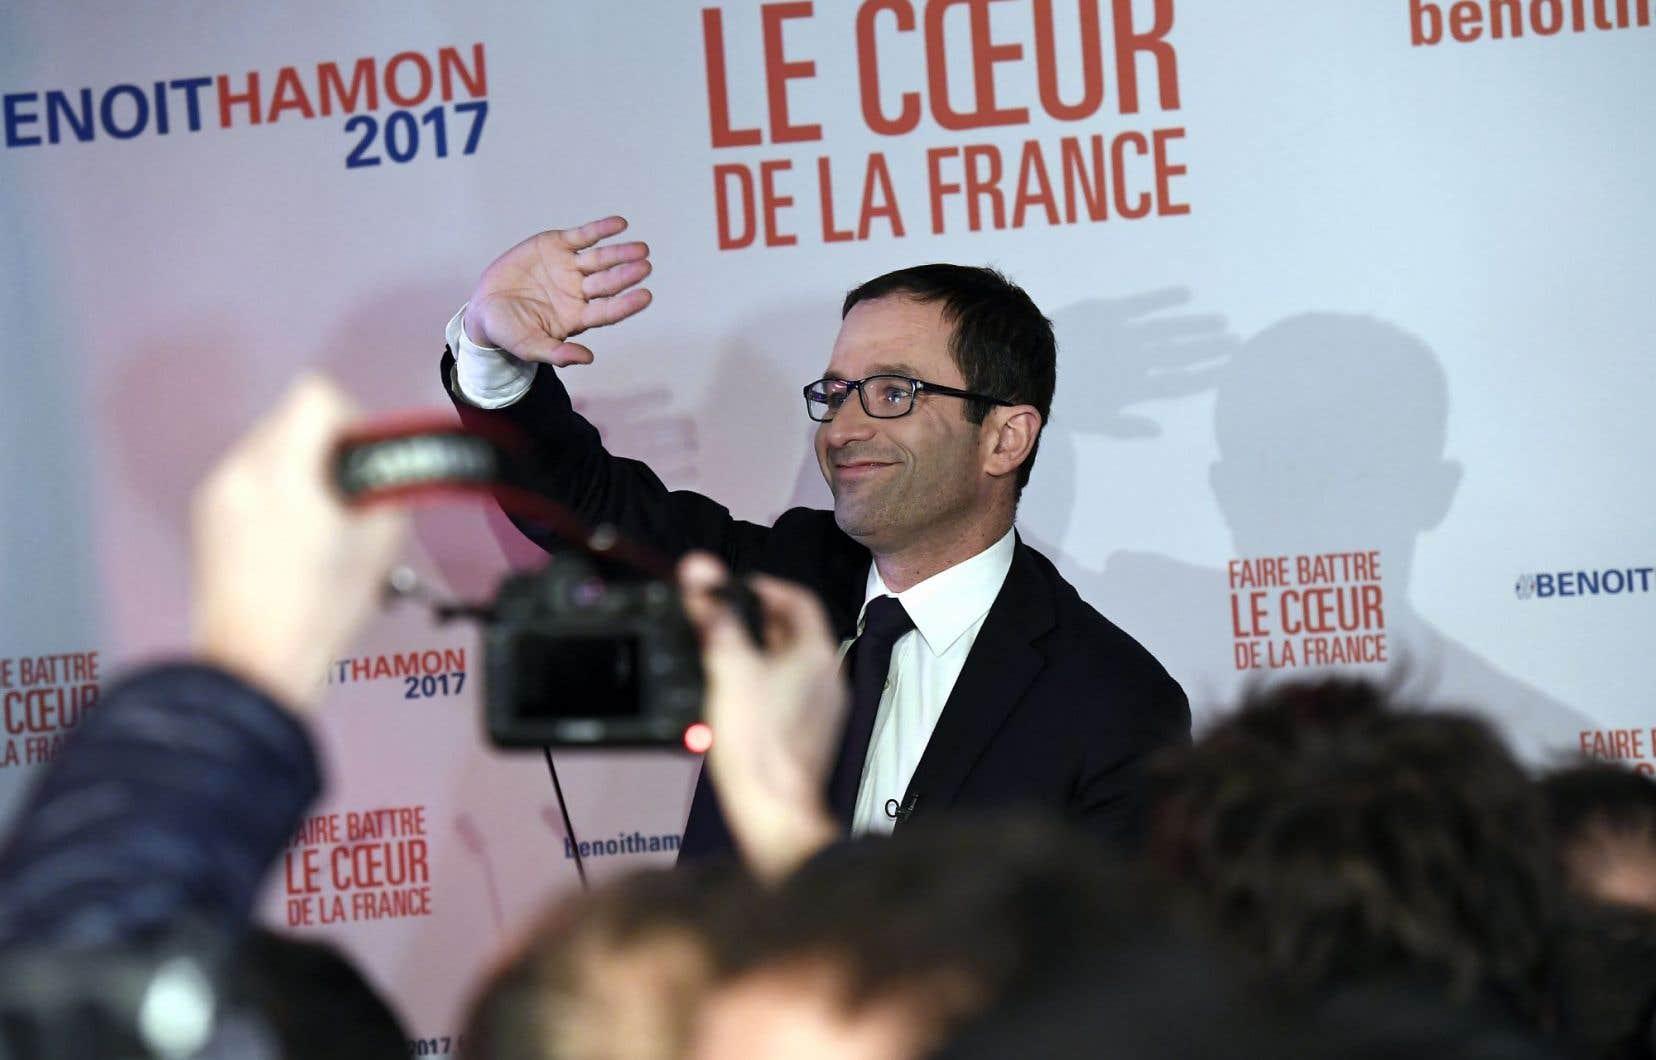 Gagnant de la primaire, Benoît Hamon est considéré comme le représentant de la gauche radicale du Parti socialiste.